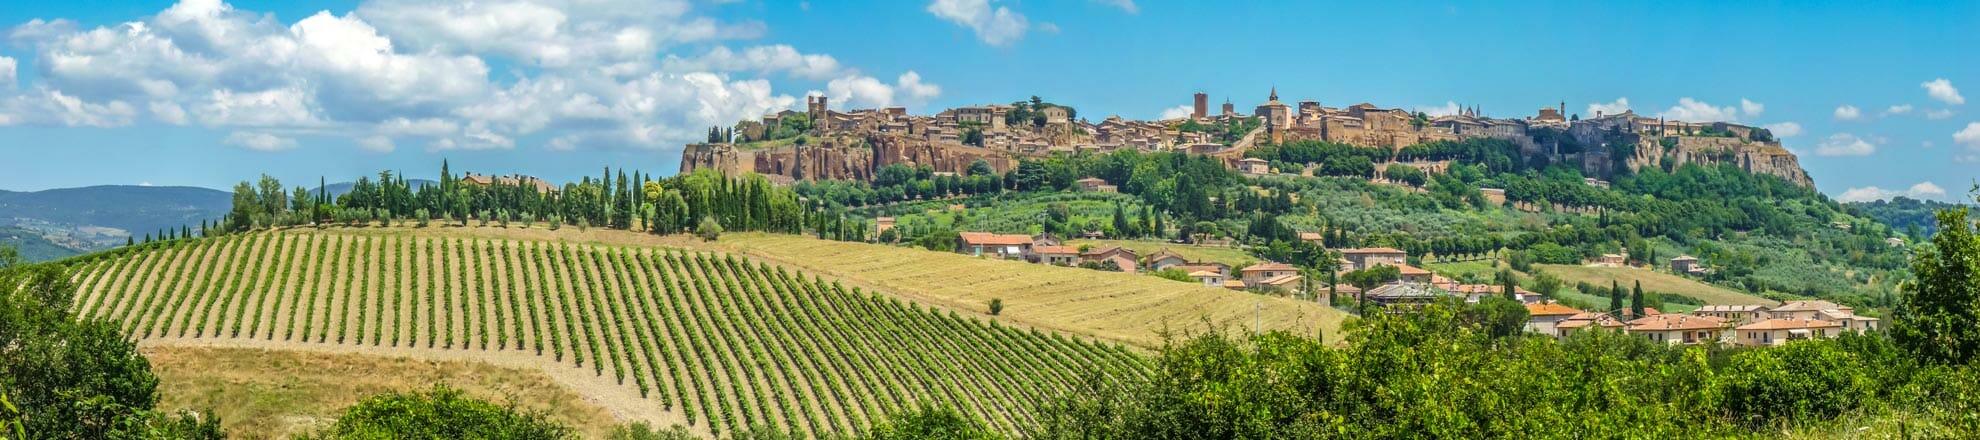 Rejser og ferie i Umbrien